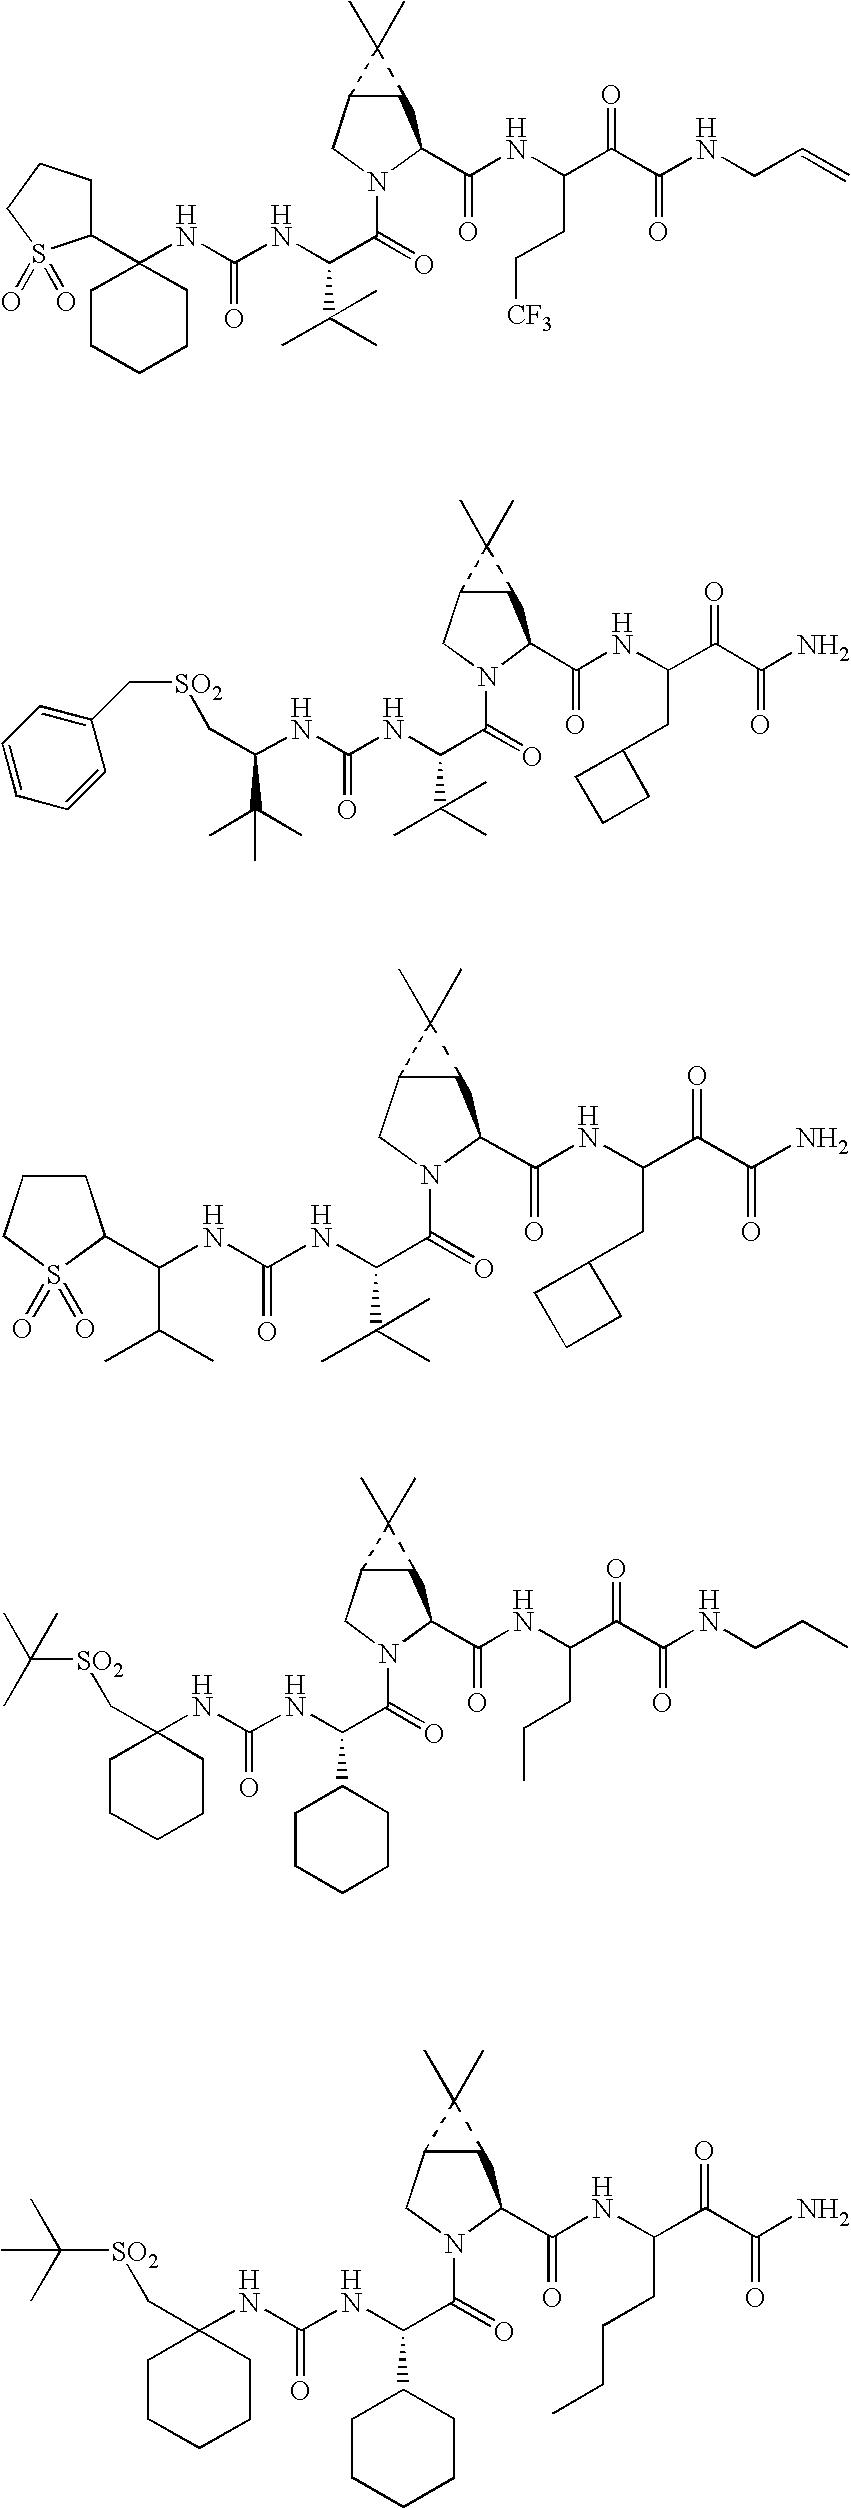 Figure US20060287248A1-20061221-C00467